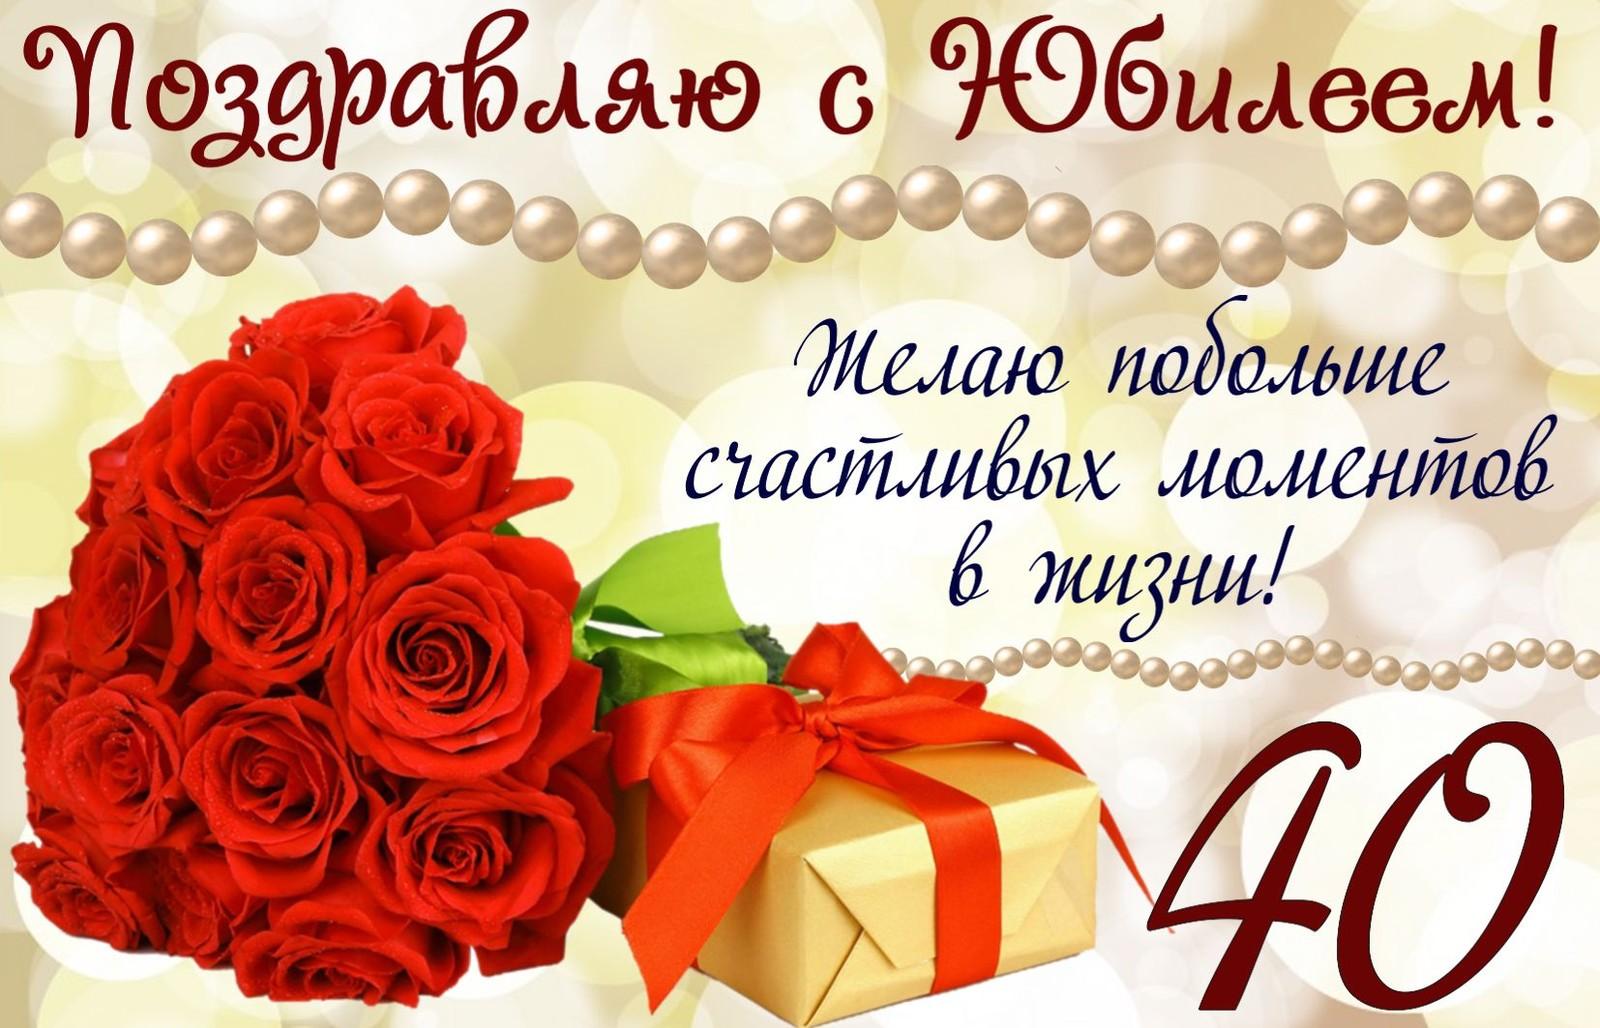 Открытка с днем рождения женщине 40 лет с пожеланиями, годовщина свадьбы открытка